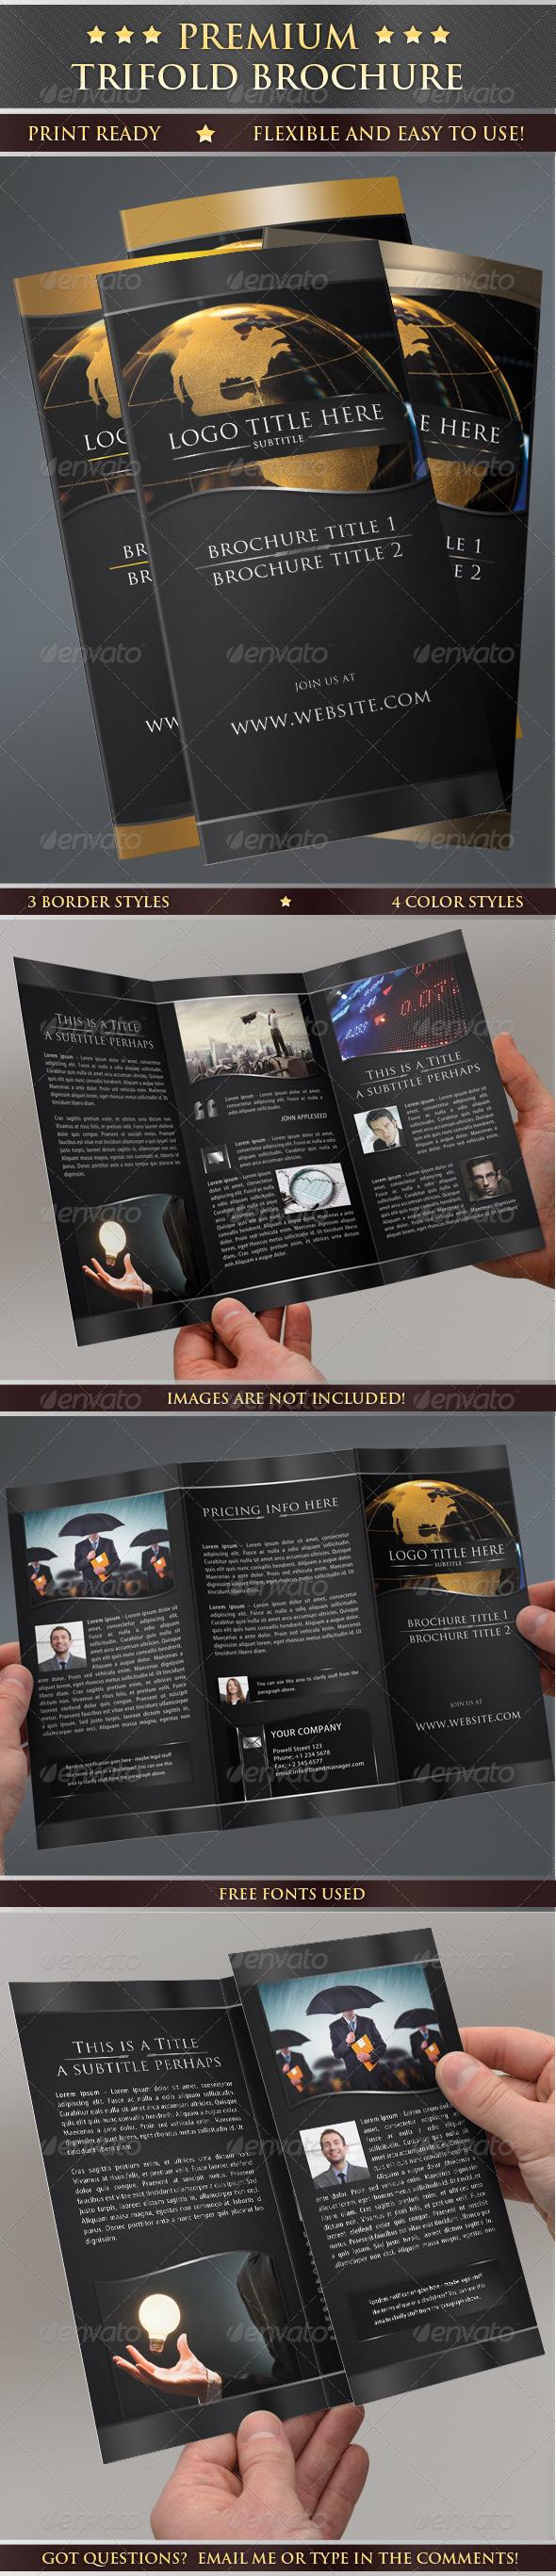 GraphicRiver Premium Print Ready Trifold Brochure 4285543